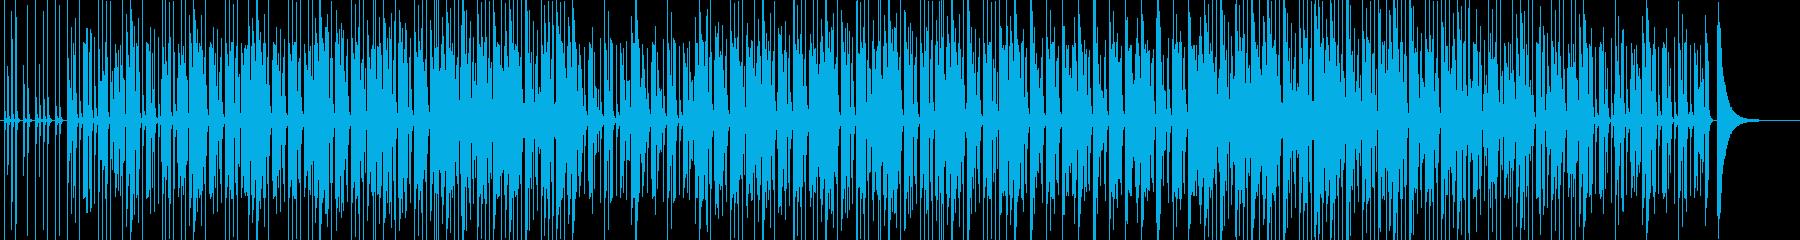 日常-ほっこり♬-アコースティック-自然の再生済みの波形